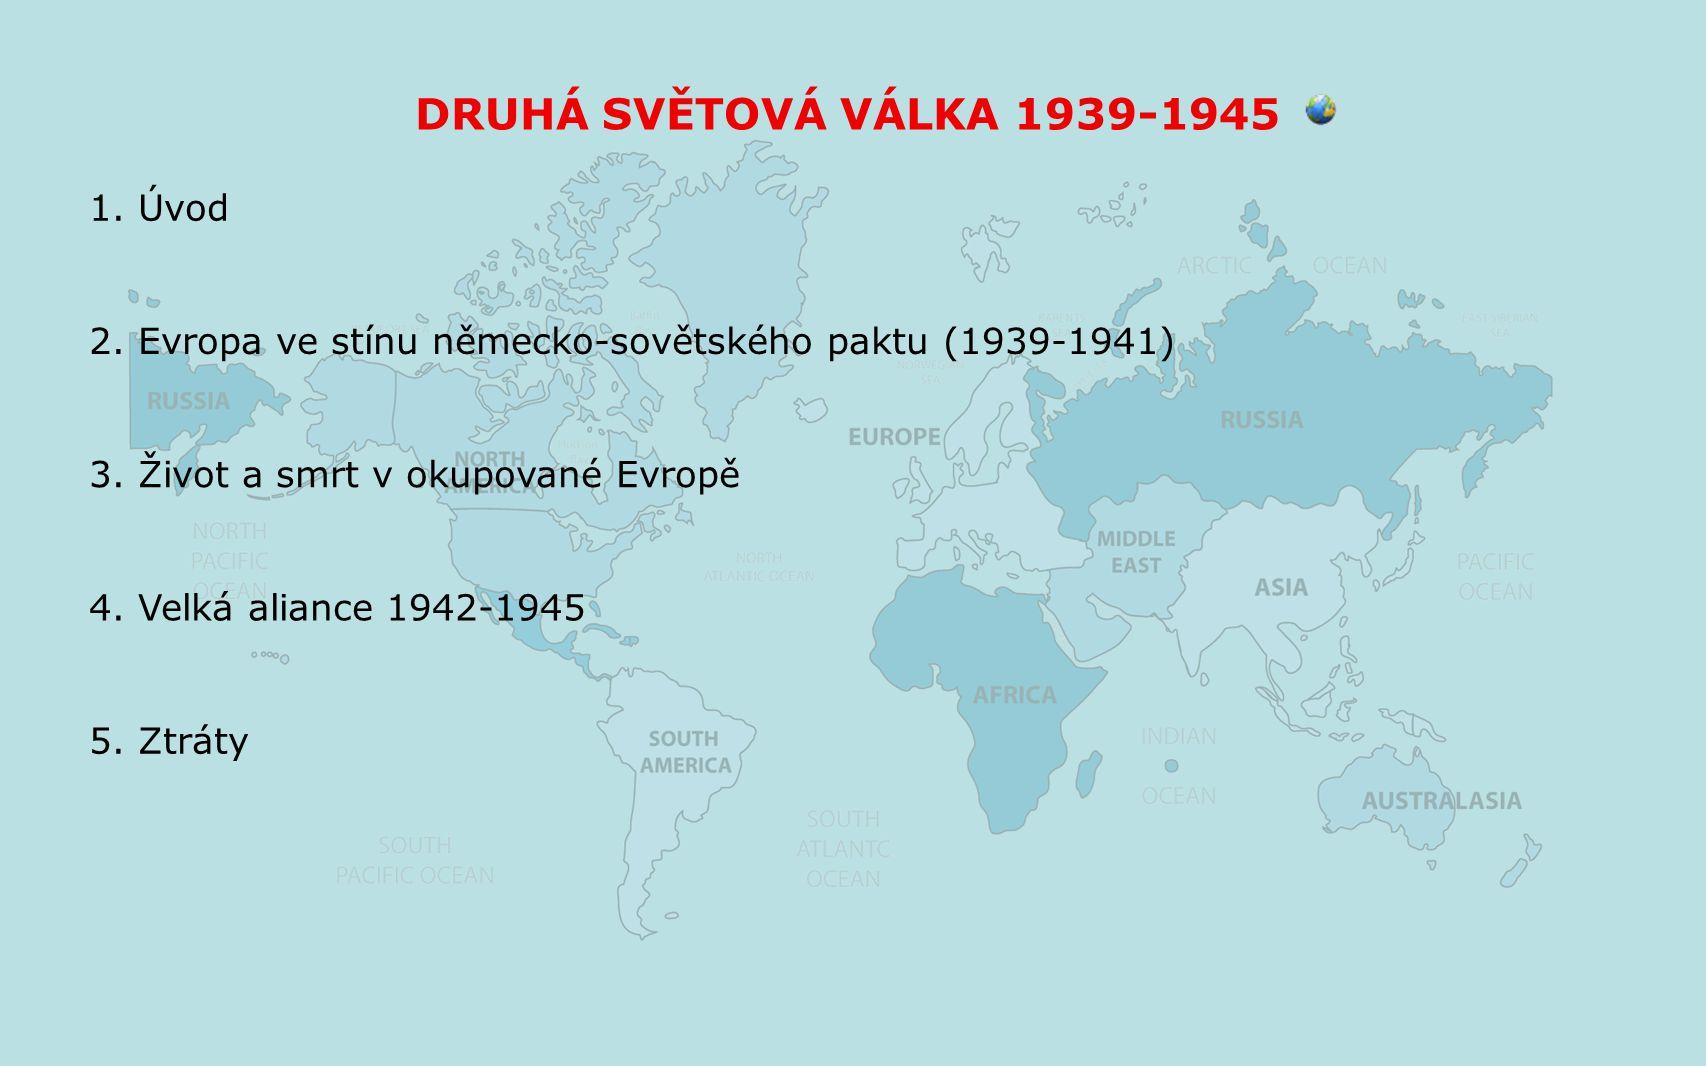 DRUHÁ SVĚTOVÁ VÁLKA 1939-1945 2. Evropa ve stínu německo-sovětského paktu (1939-1941) 3. Život a smrt v okupované Evropě 4. Velká aliance 1942-1945 5.